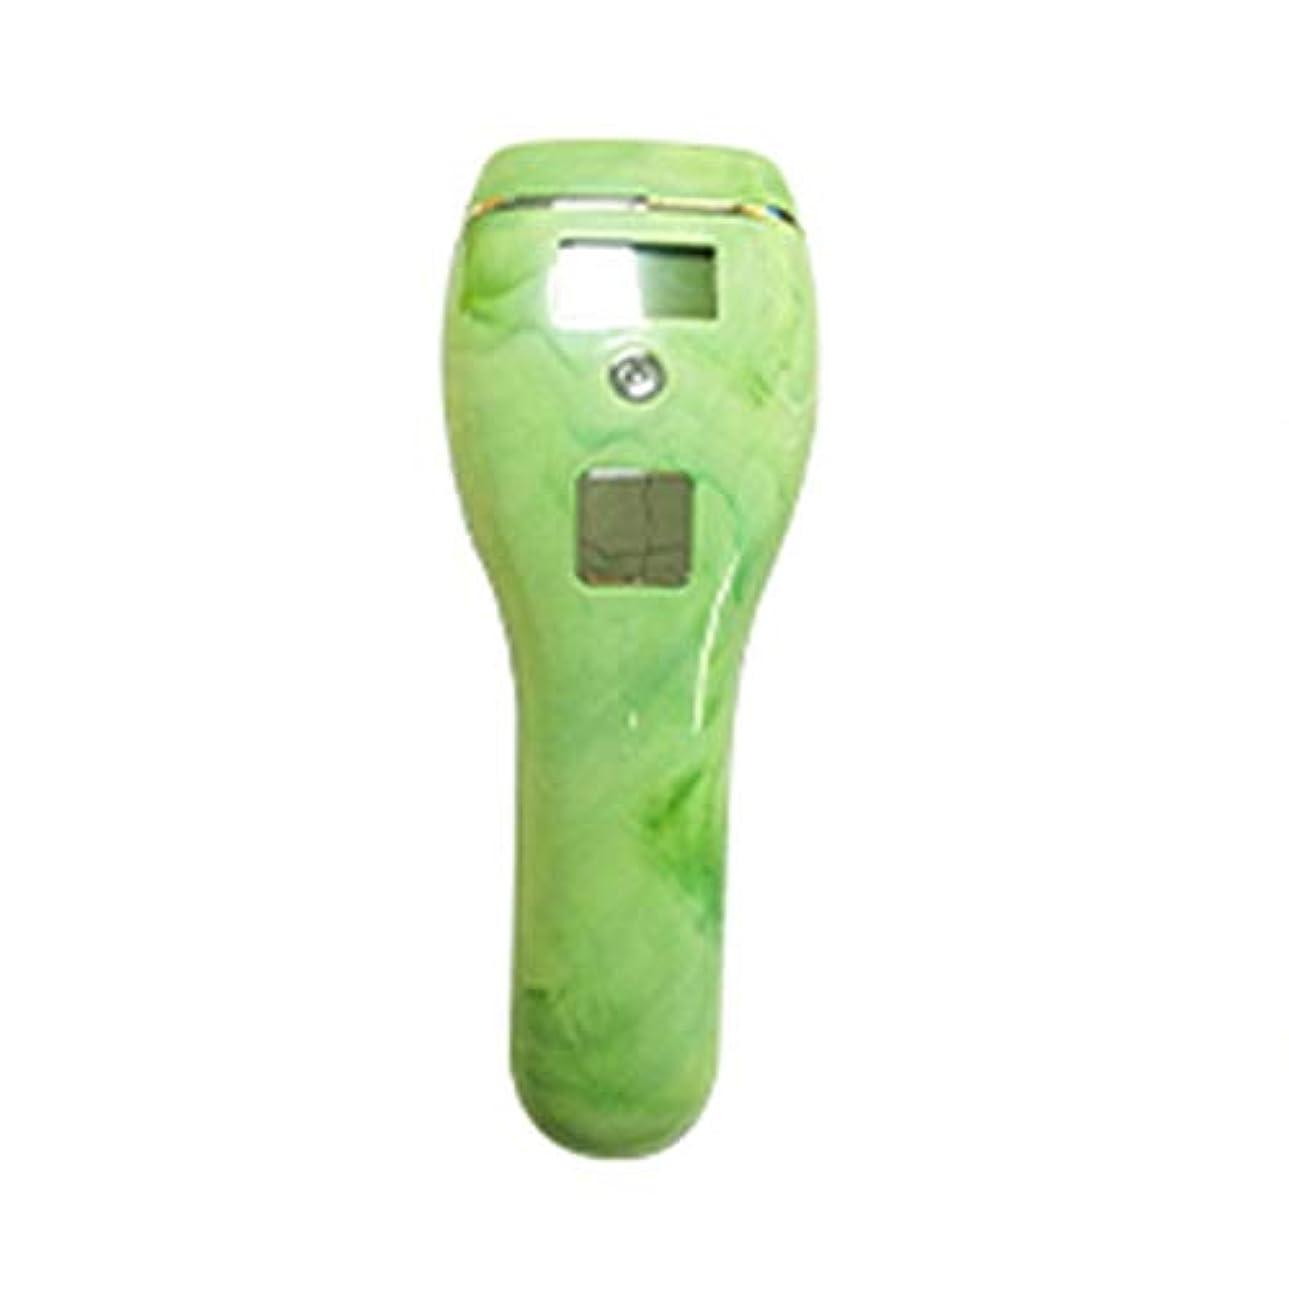 相対的失態ハウス自動肌のカラーセンシング、グリーン、5速調整、クォーツチューブ、携帯用痛みのない全身凍結乾燥用除湿器、サイズ19x7x5cm 髪以外はきれい (Color : Green)